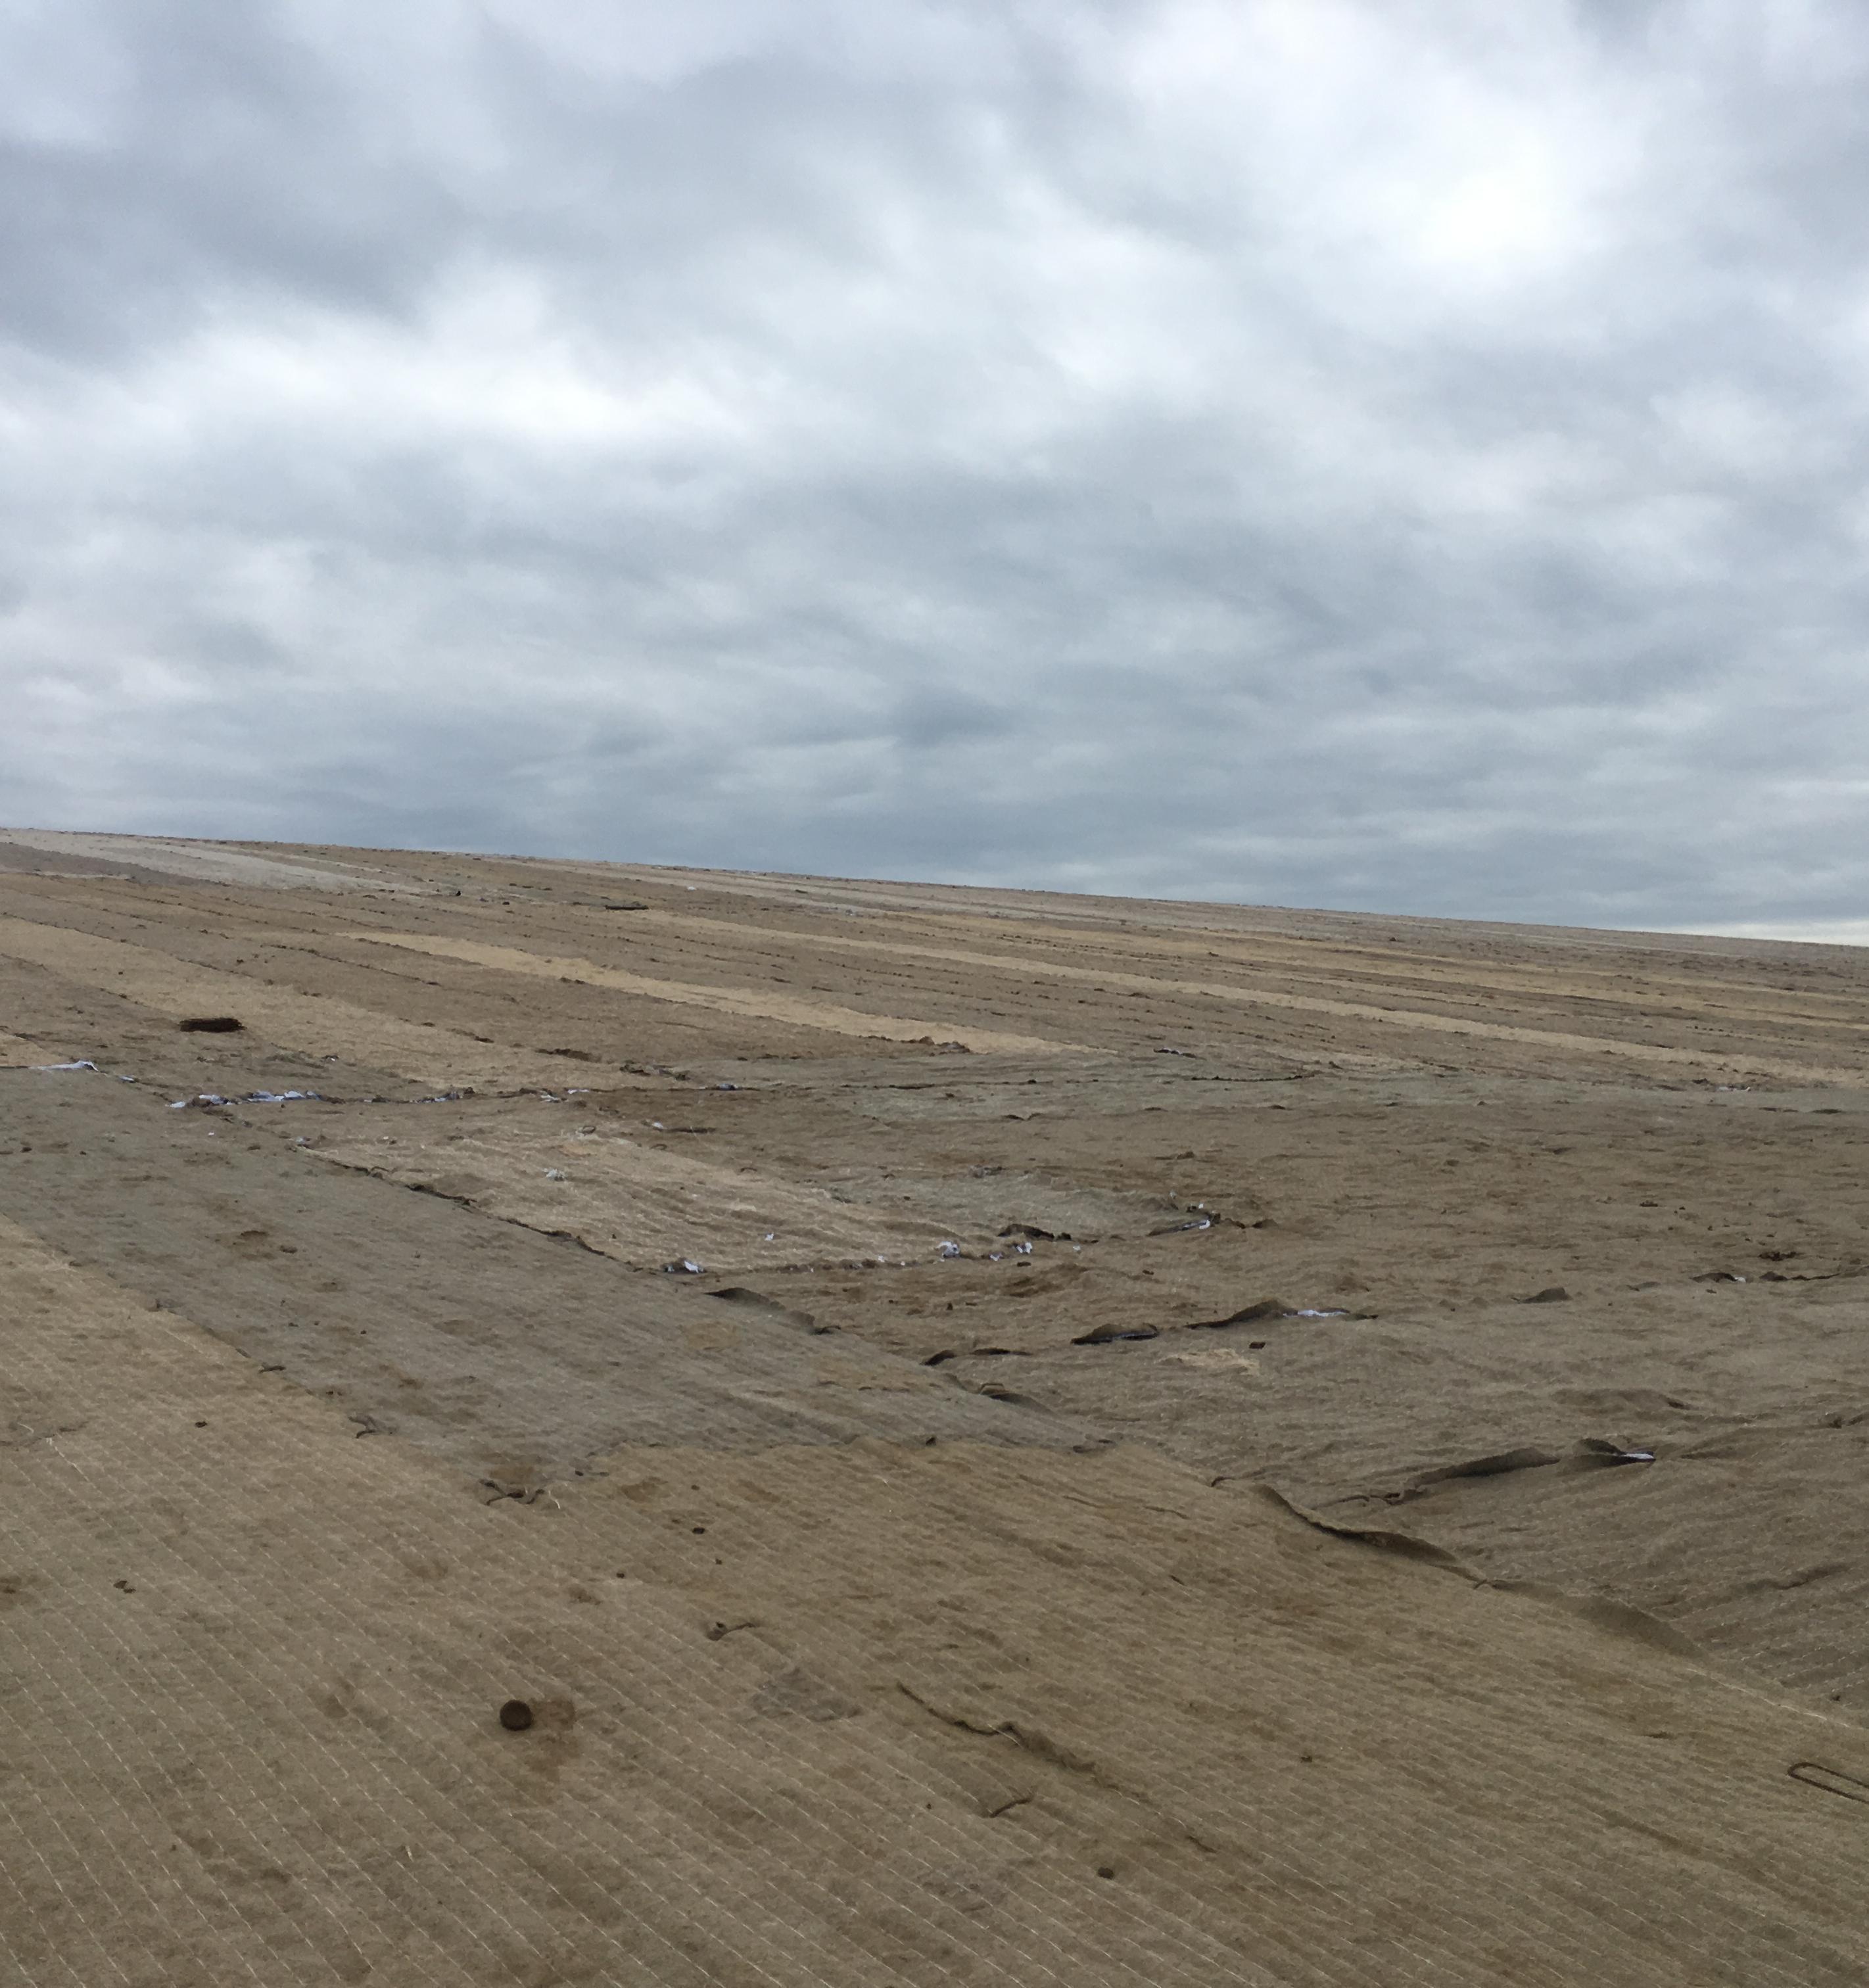 На бывшем полигоне ТБО в Нижегородской области скоро появится зеленая трава